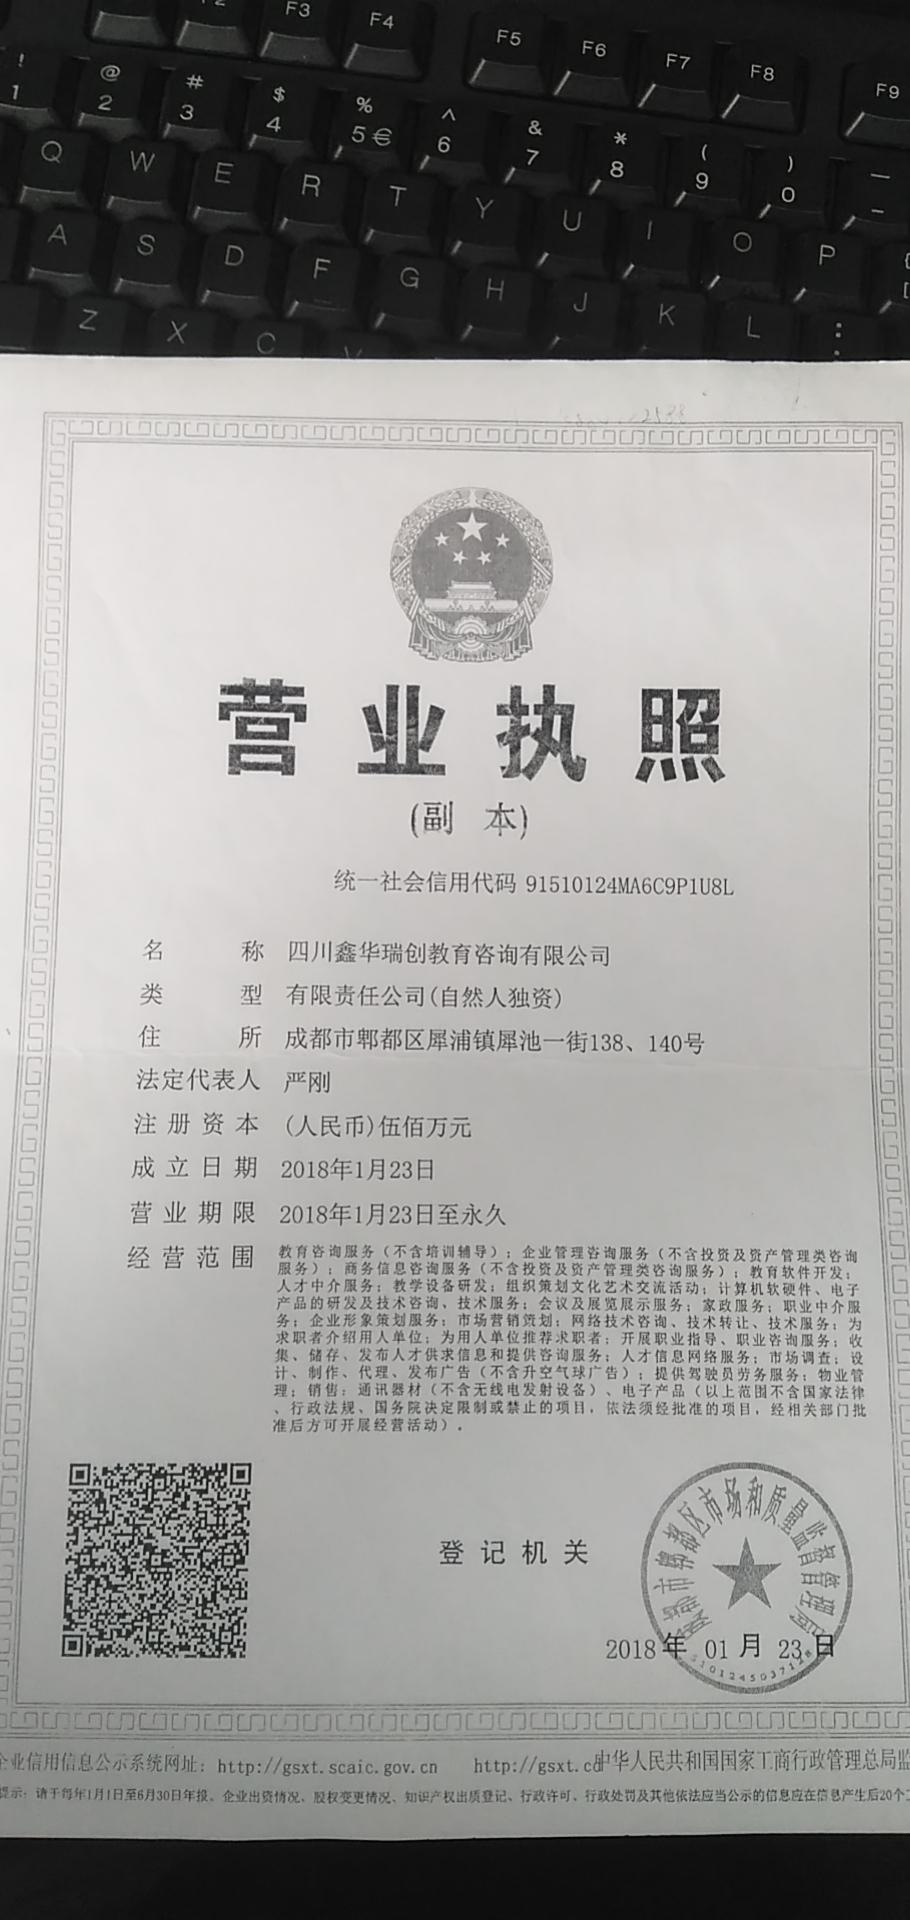 四川鑫华瑞创教育咨询有限公司